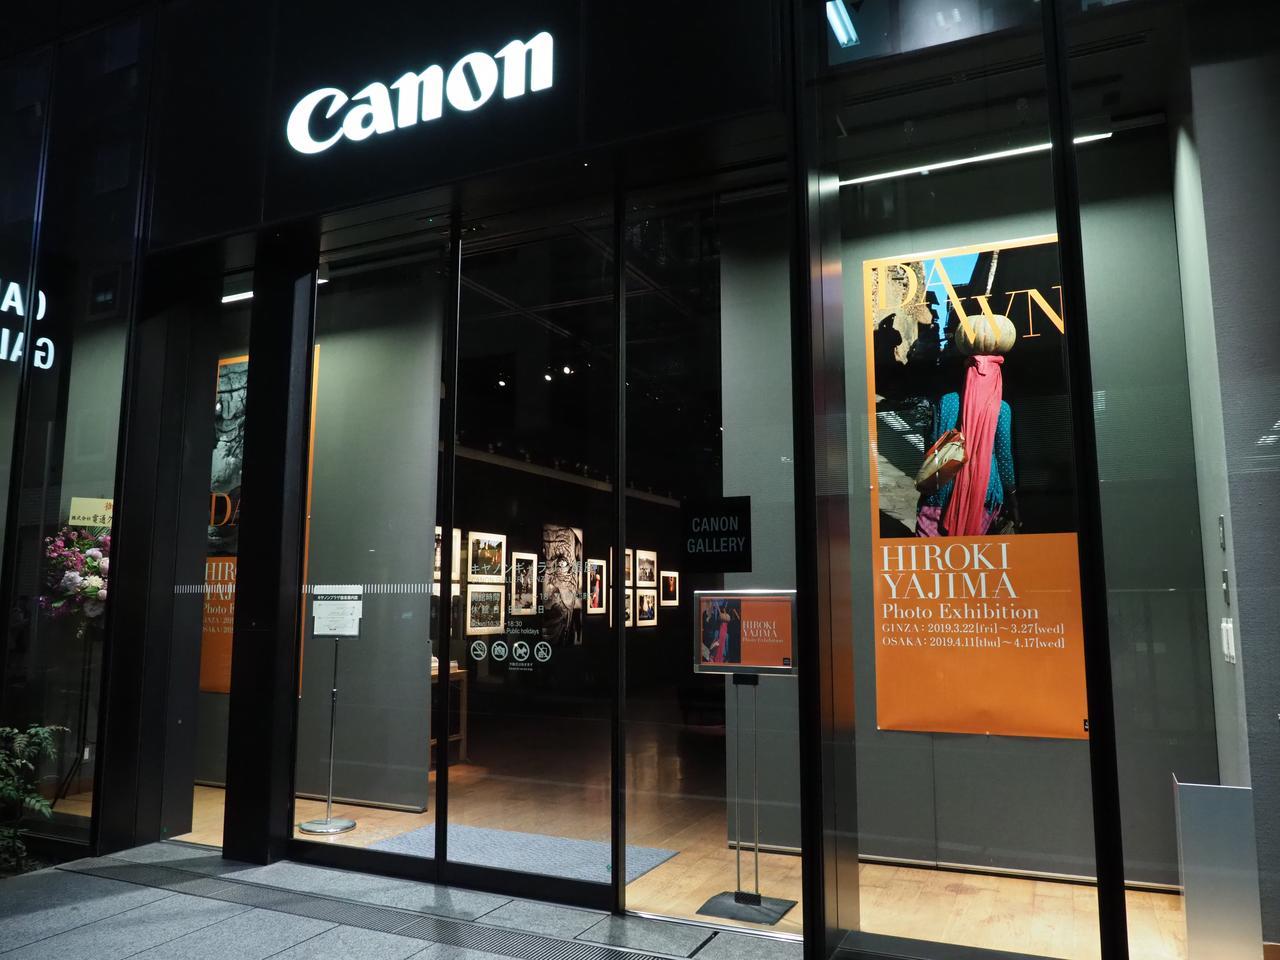 画像2: 矢島宏樹写真展「DAWN」がキヤノンギャラリー銀座で、 本日(3/22)より開催! 3/27(水)まで。